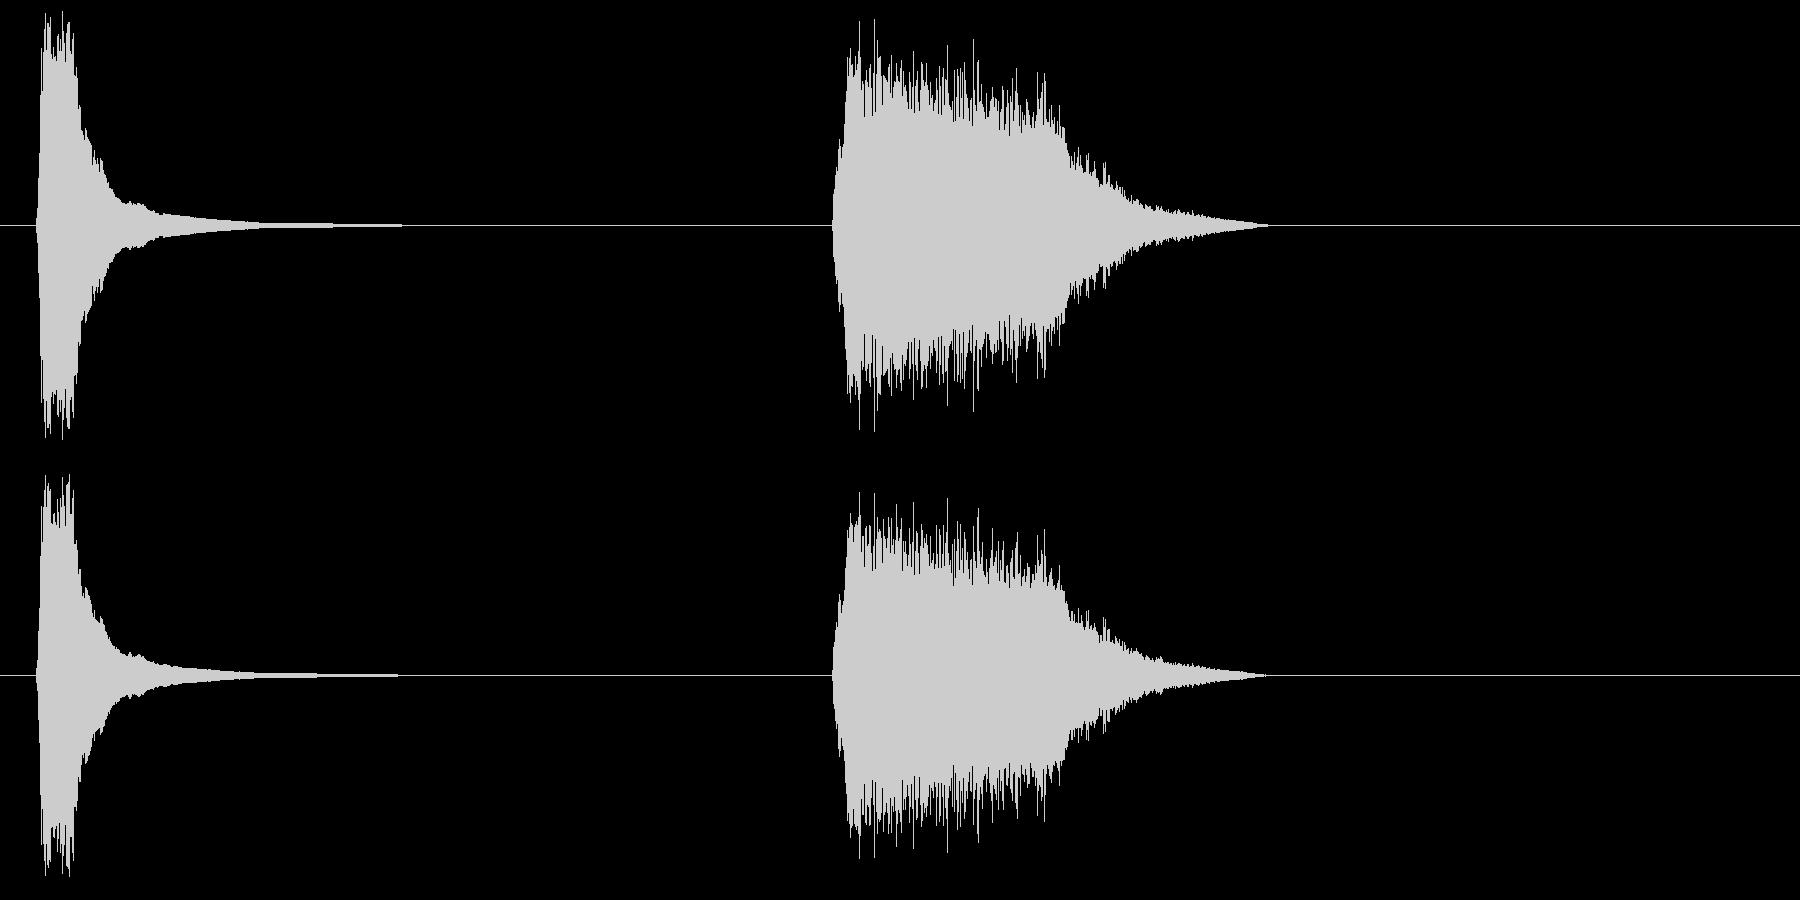 フレンチホーン攻撃-2つの効果;攻撃。の未再生の波形